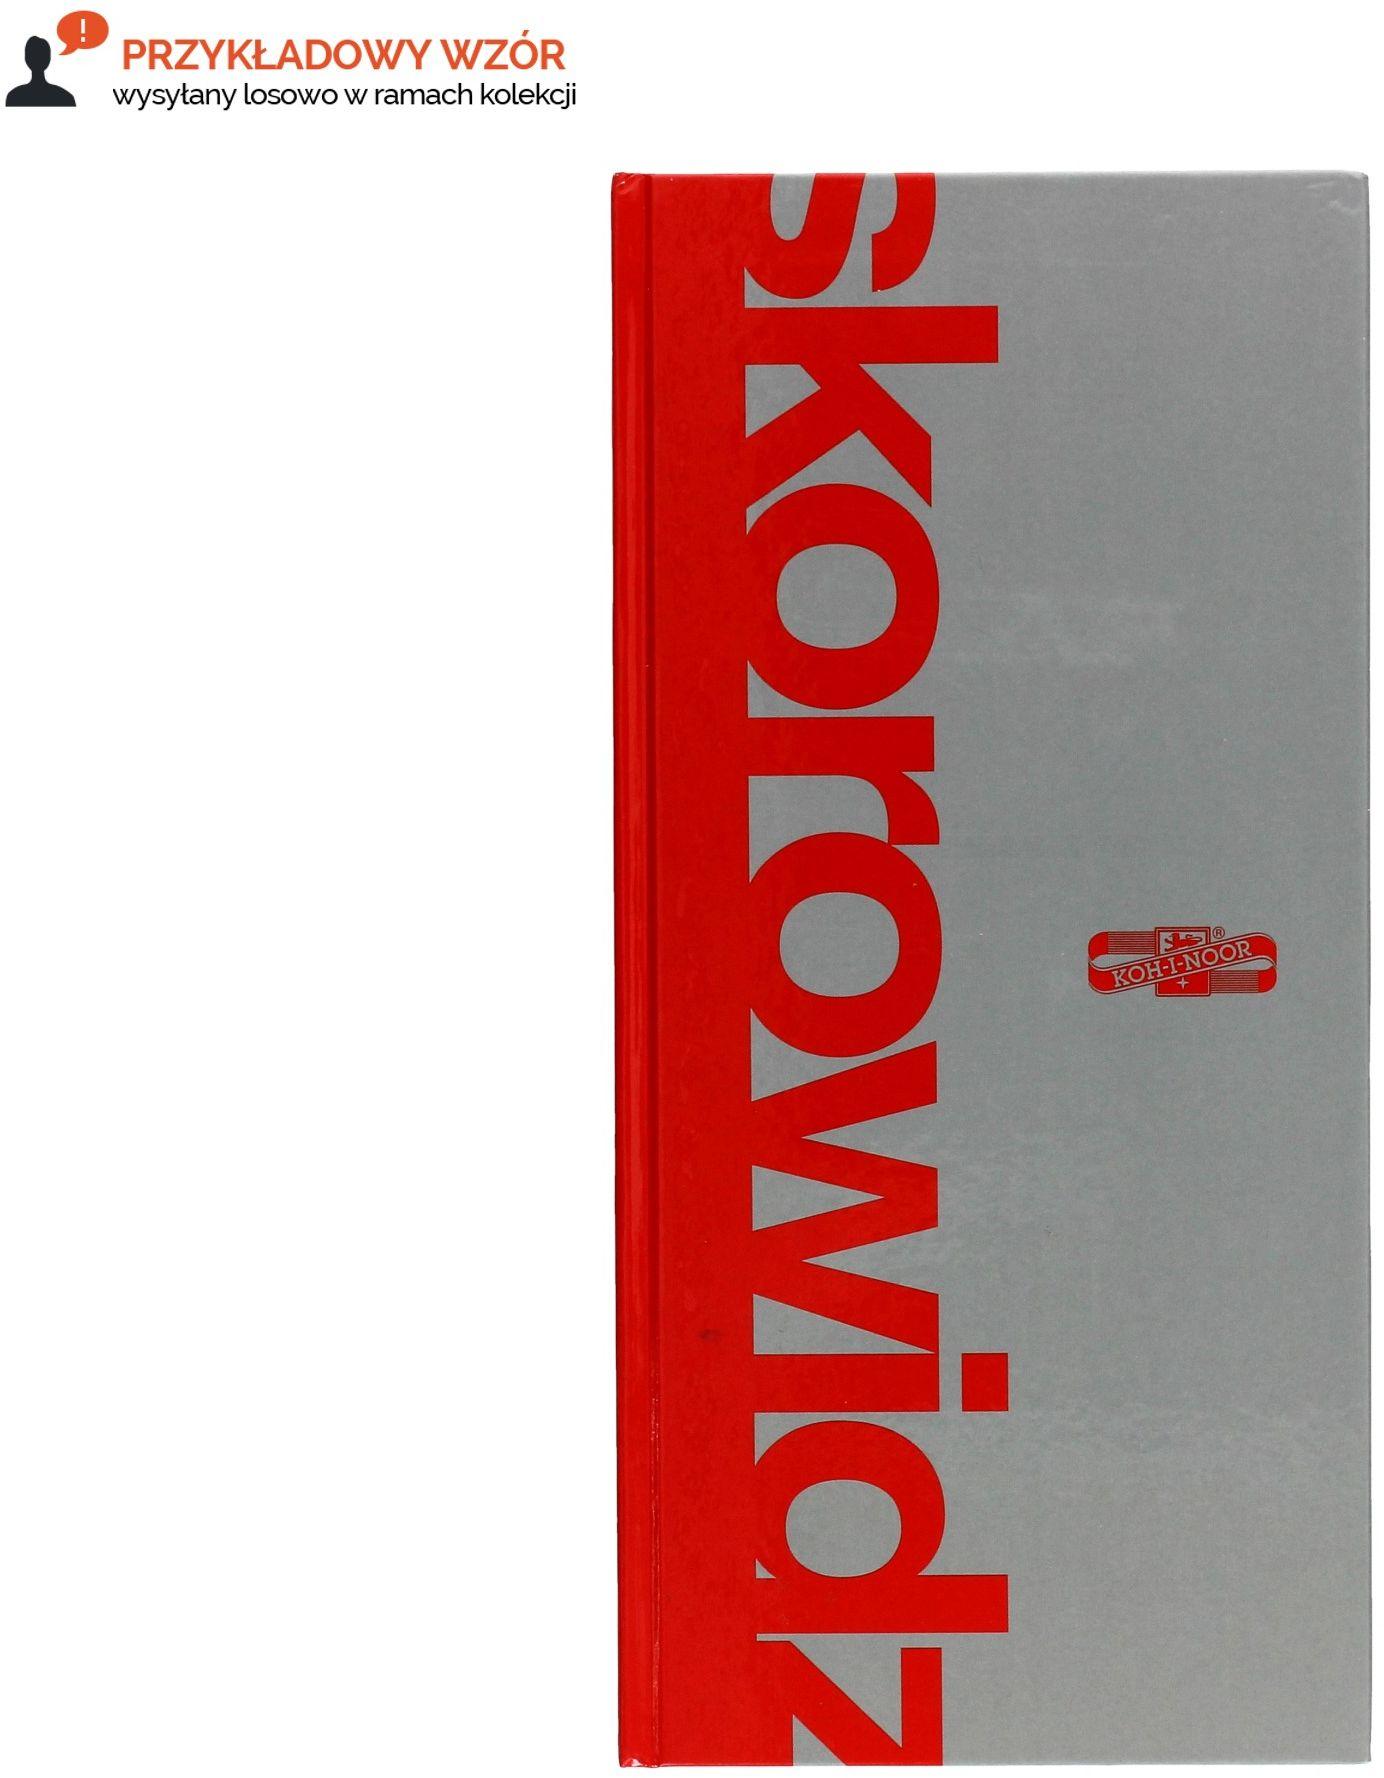 Skorowidz 2/3A4/96 kratka TO KIN